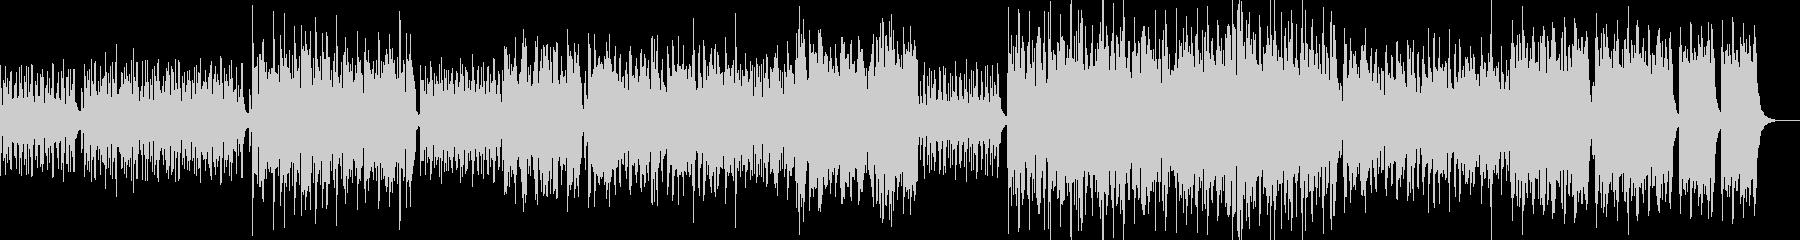 グリーン・スリーブスジャズチェロpizzの未再生の波形